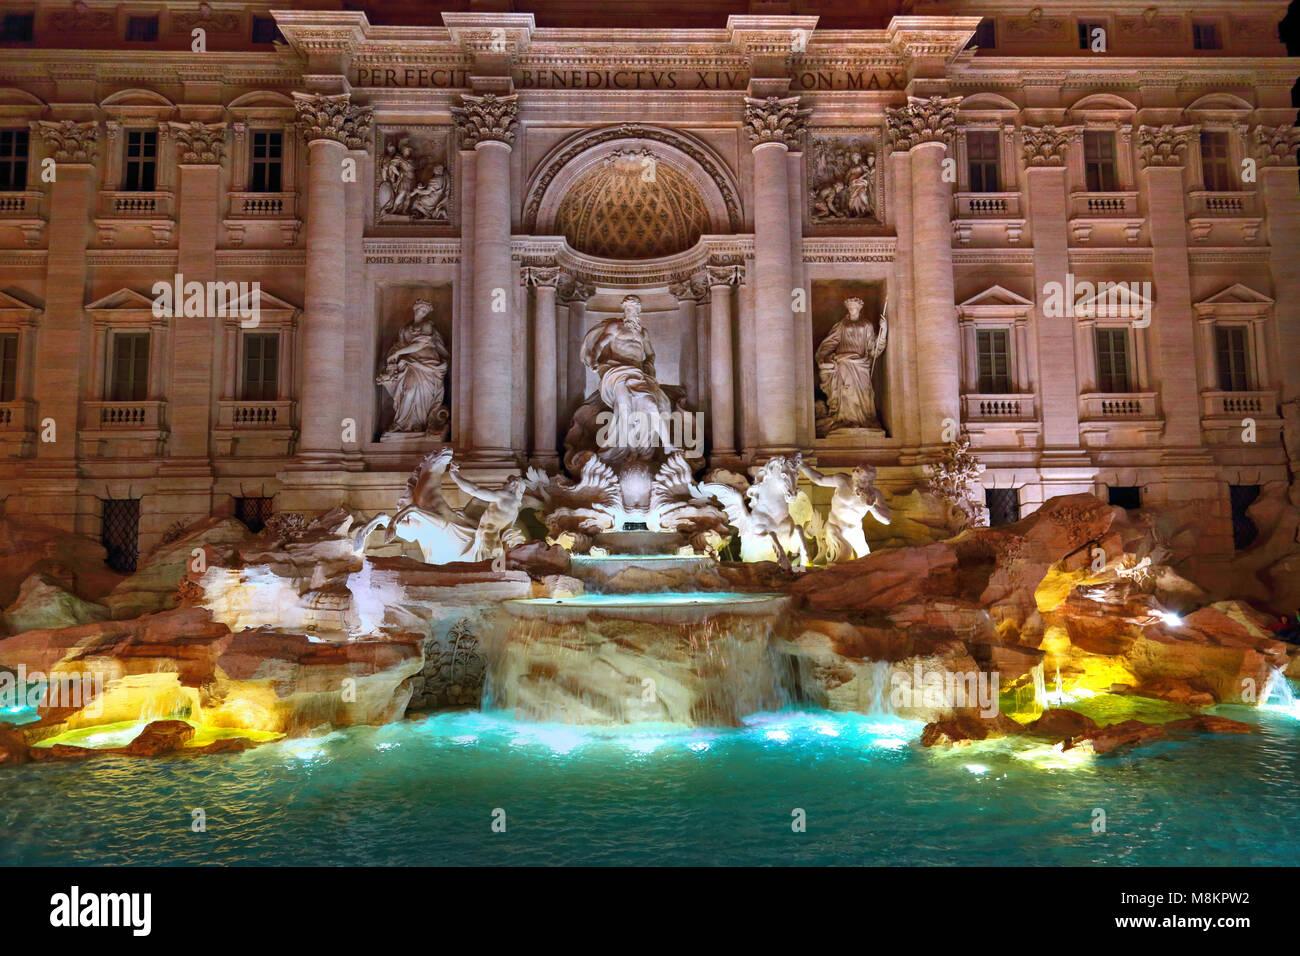 Rome, Famous Trevi Fountain (Fontana Di Trevi) - Stock Image